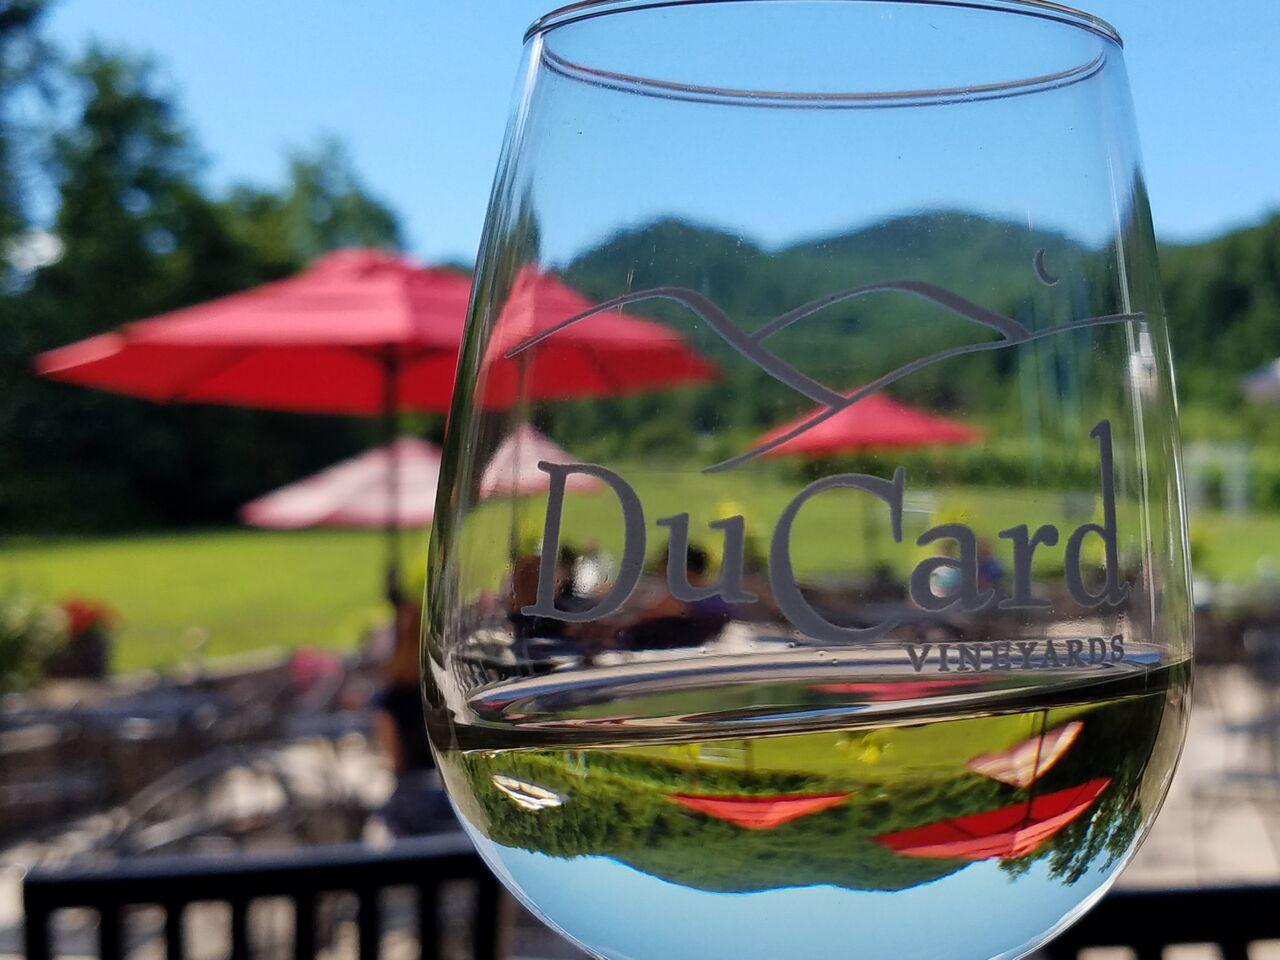 ducard glass of wine 2